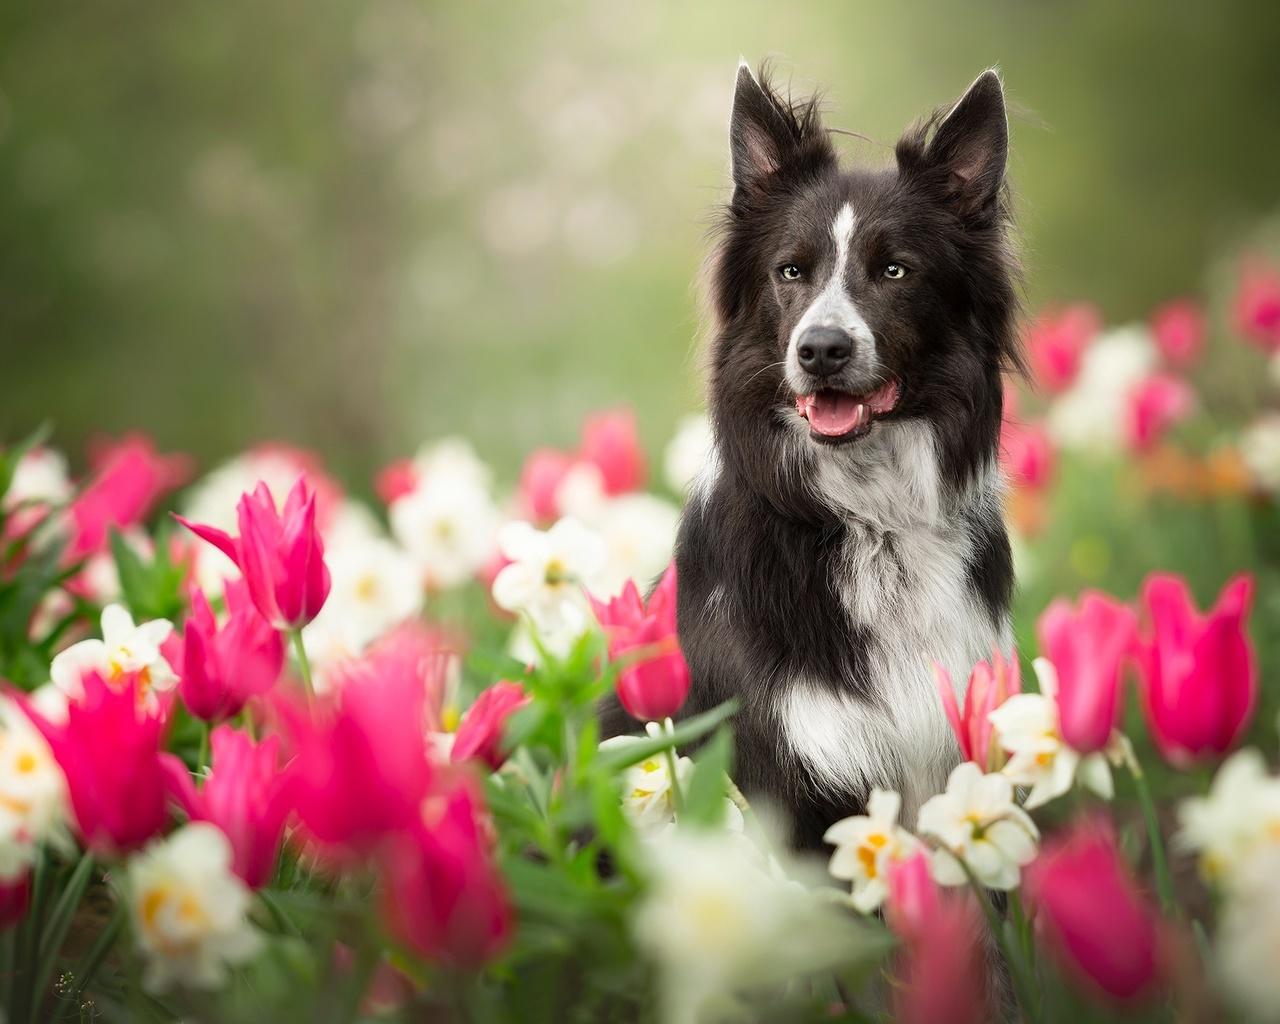 природа, весна, цветы, тюльпаны, нарциссы, животное, собака, пёс, бордер-колли